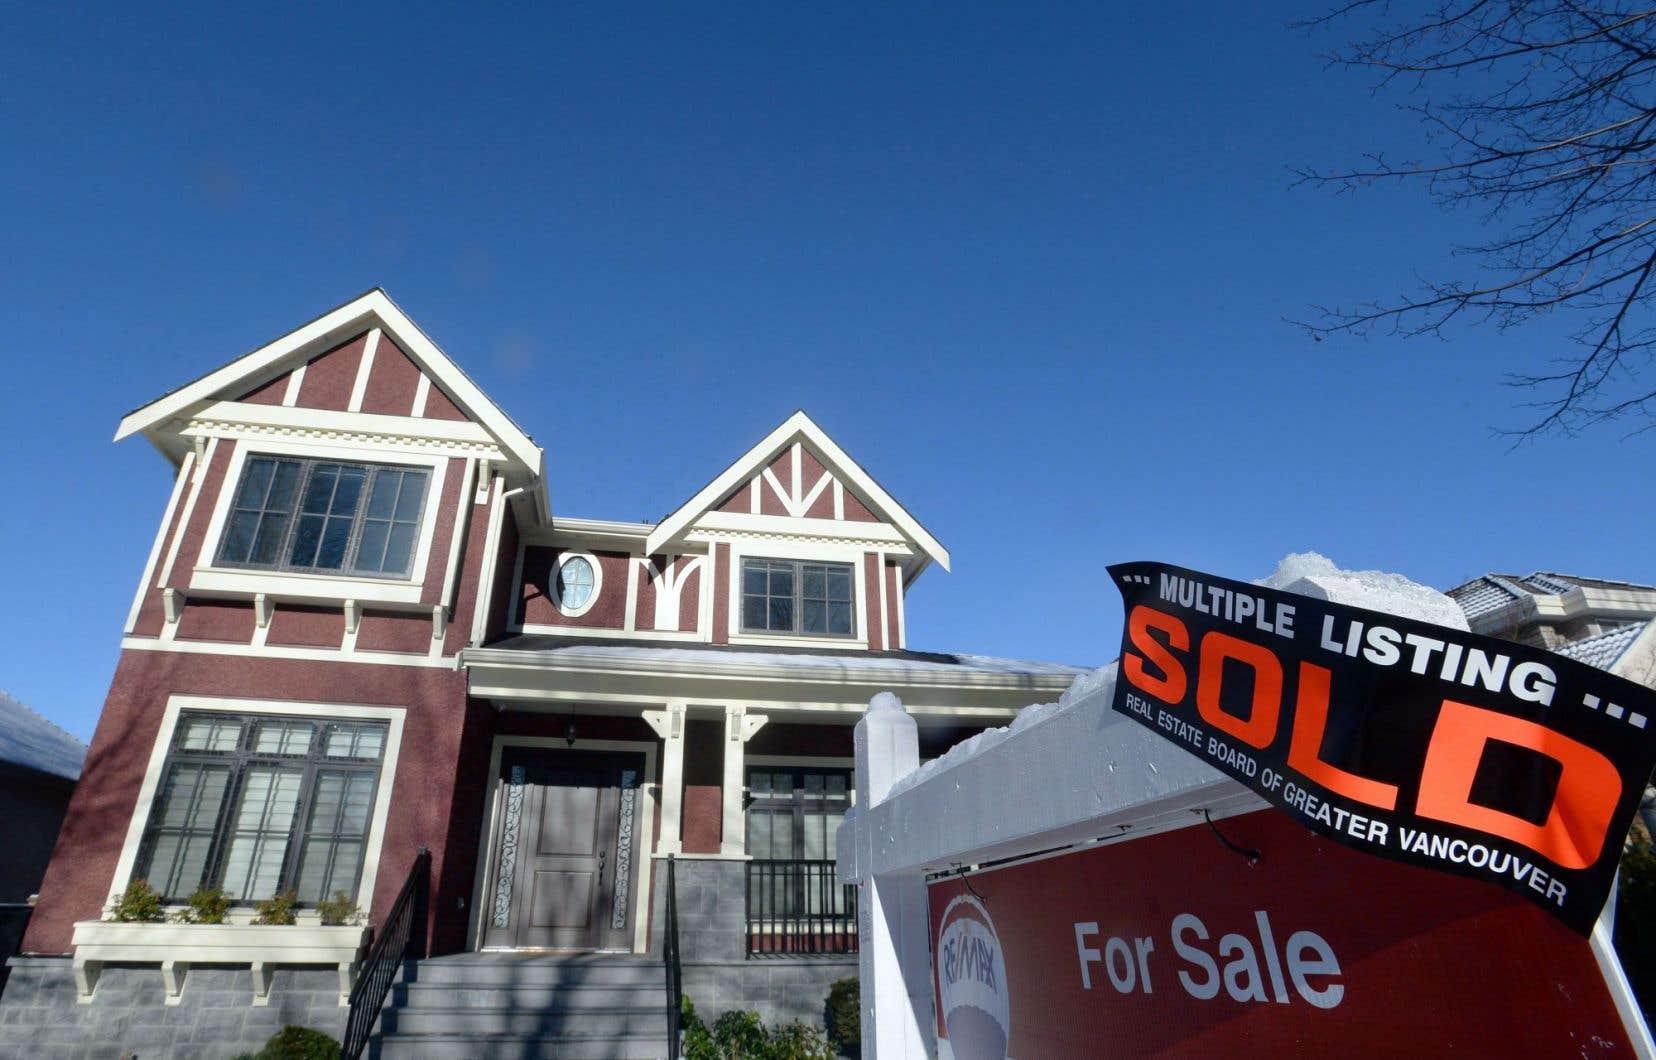 La hausse des prix des logements au Canada est un des facteurs qui rendent les banques du Canada plus vulnérables aux risques.